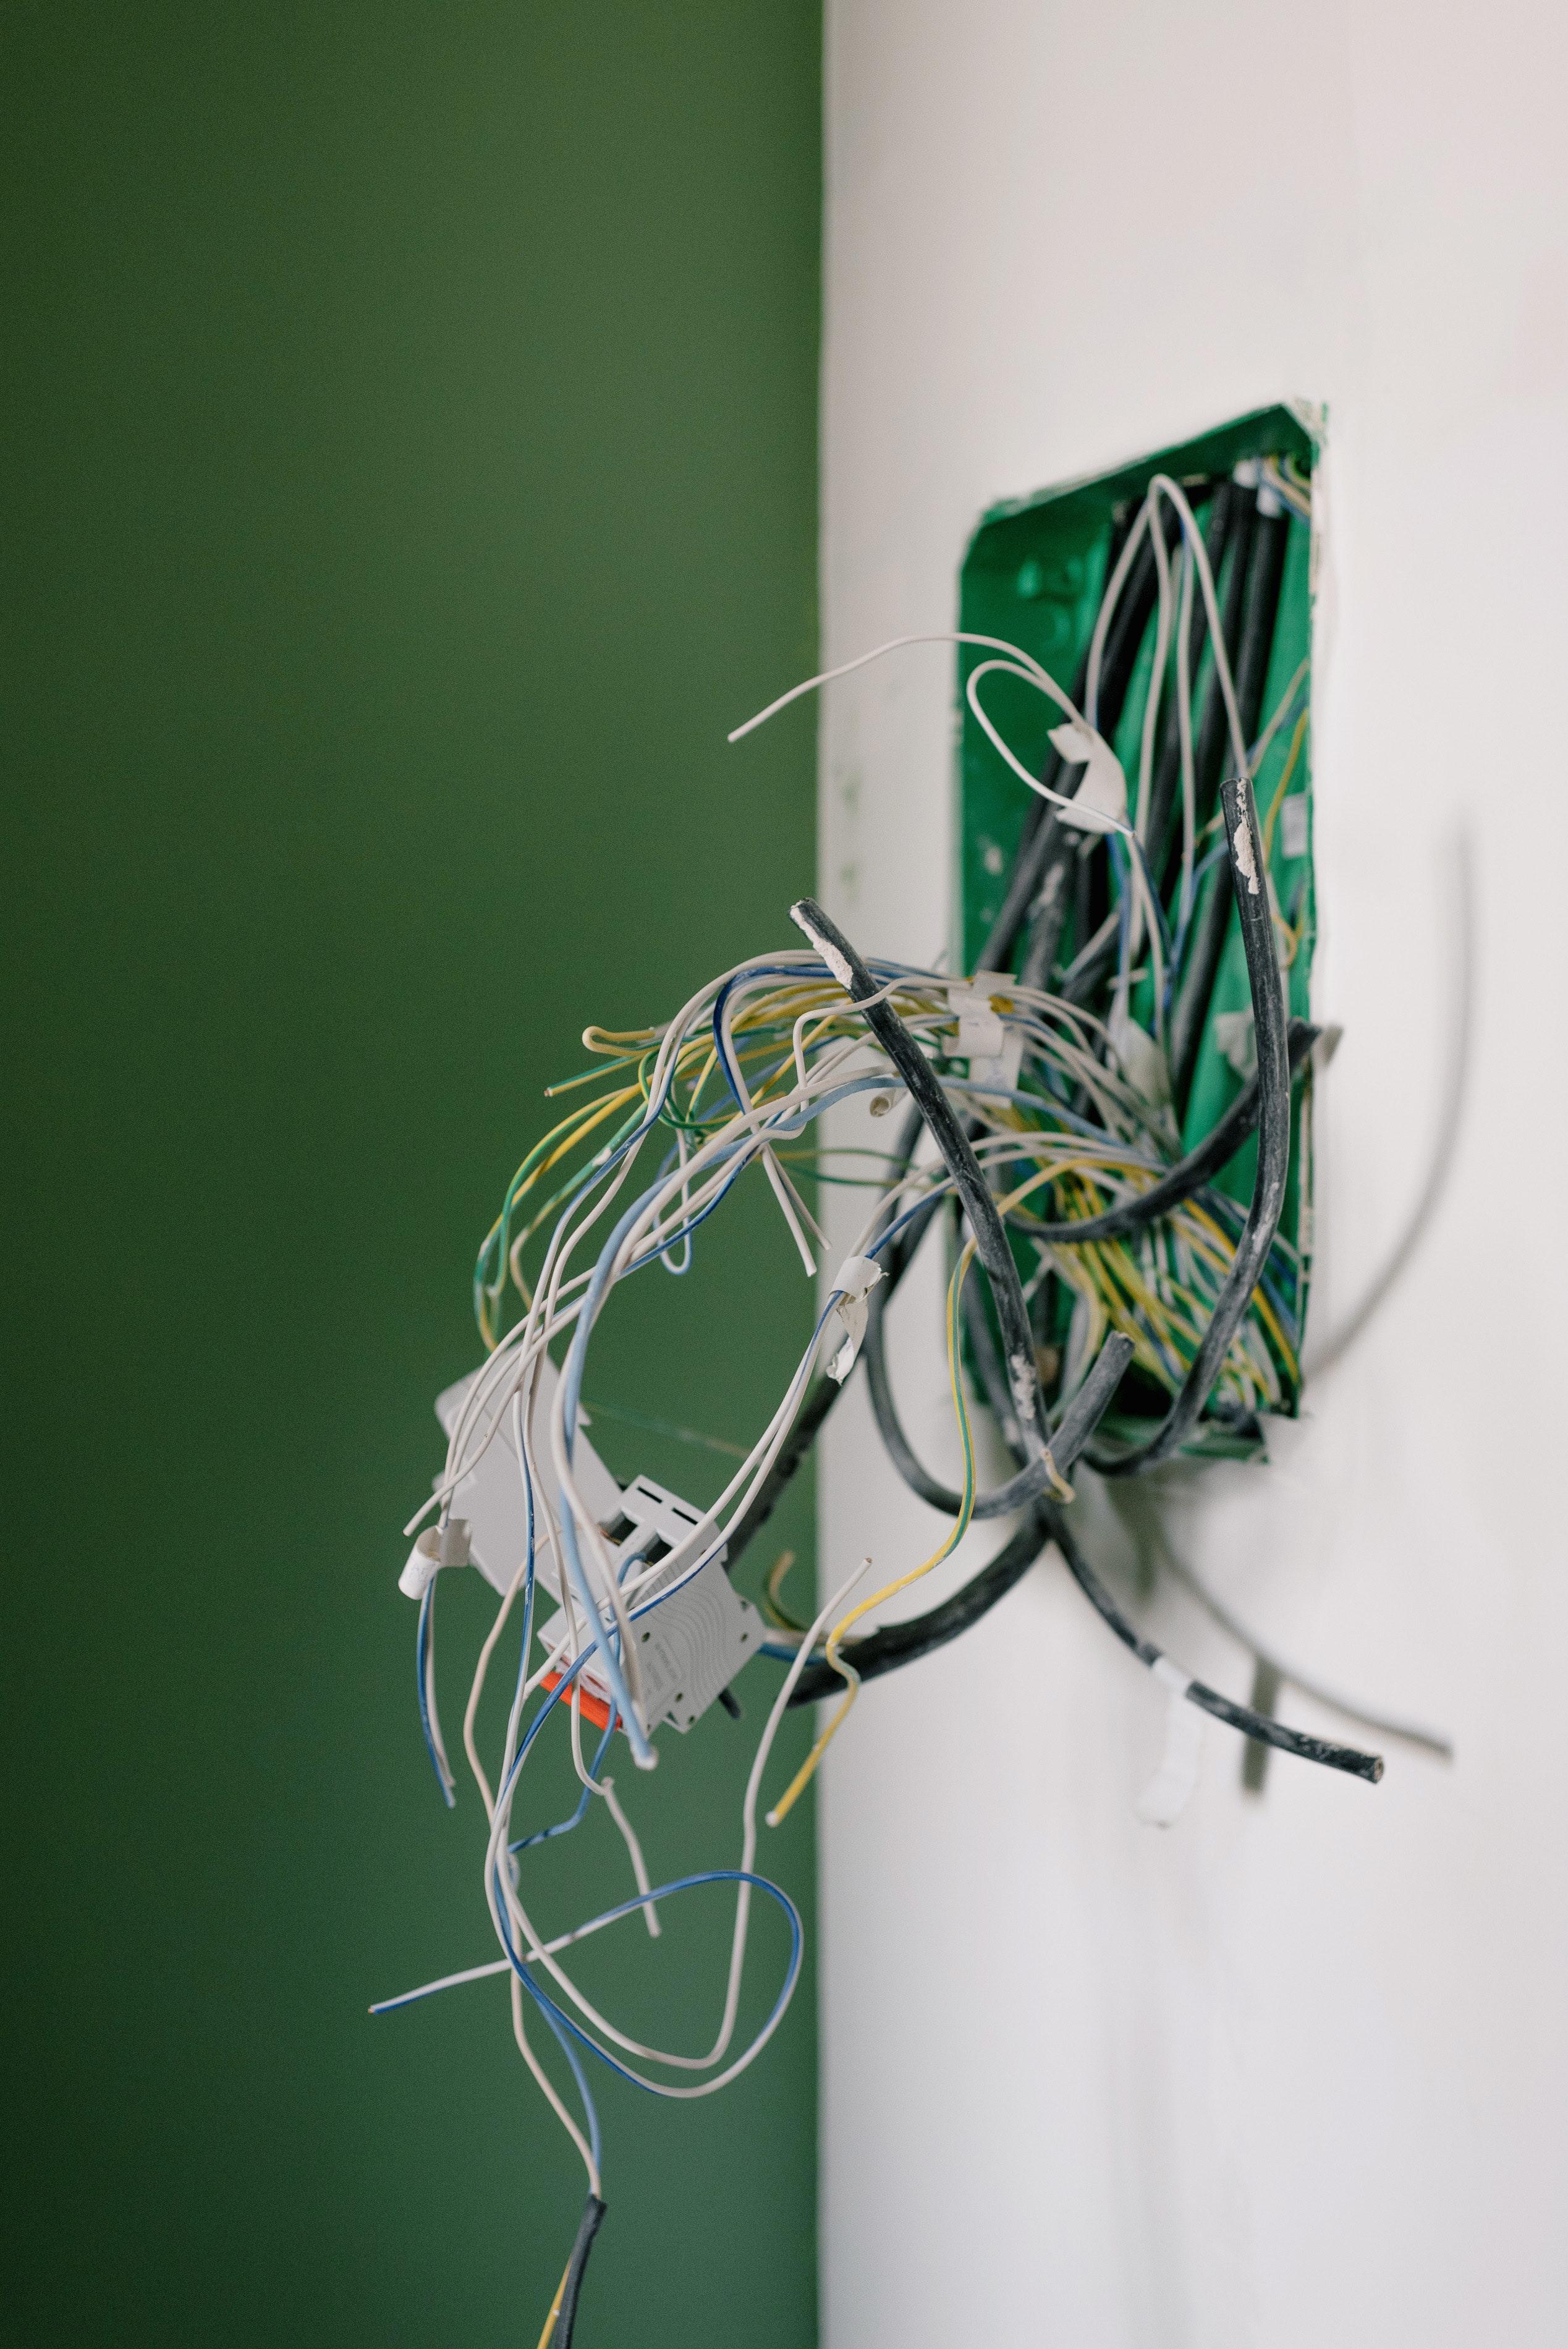 Wires, Wiring Problem